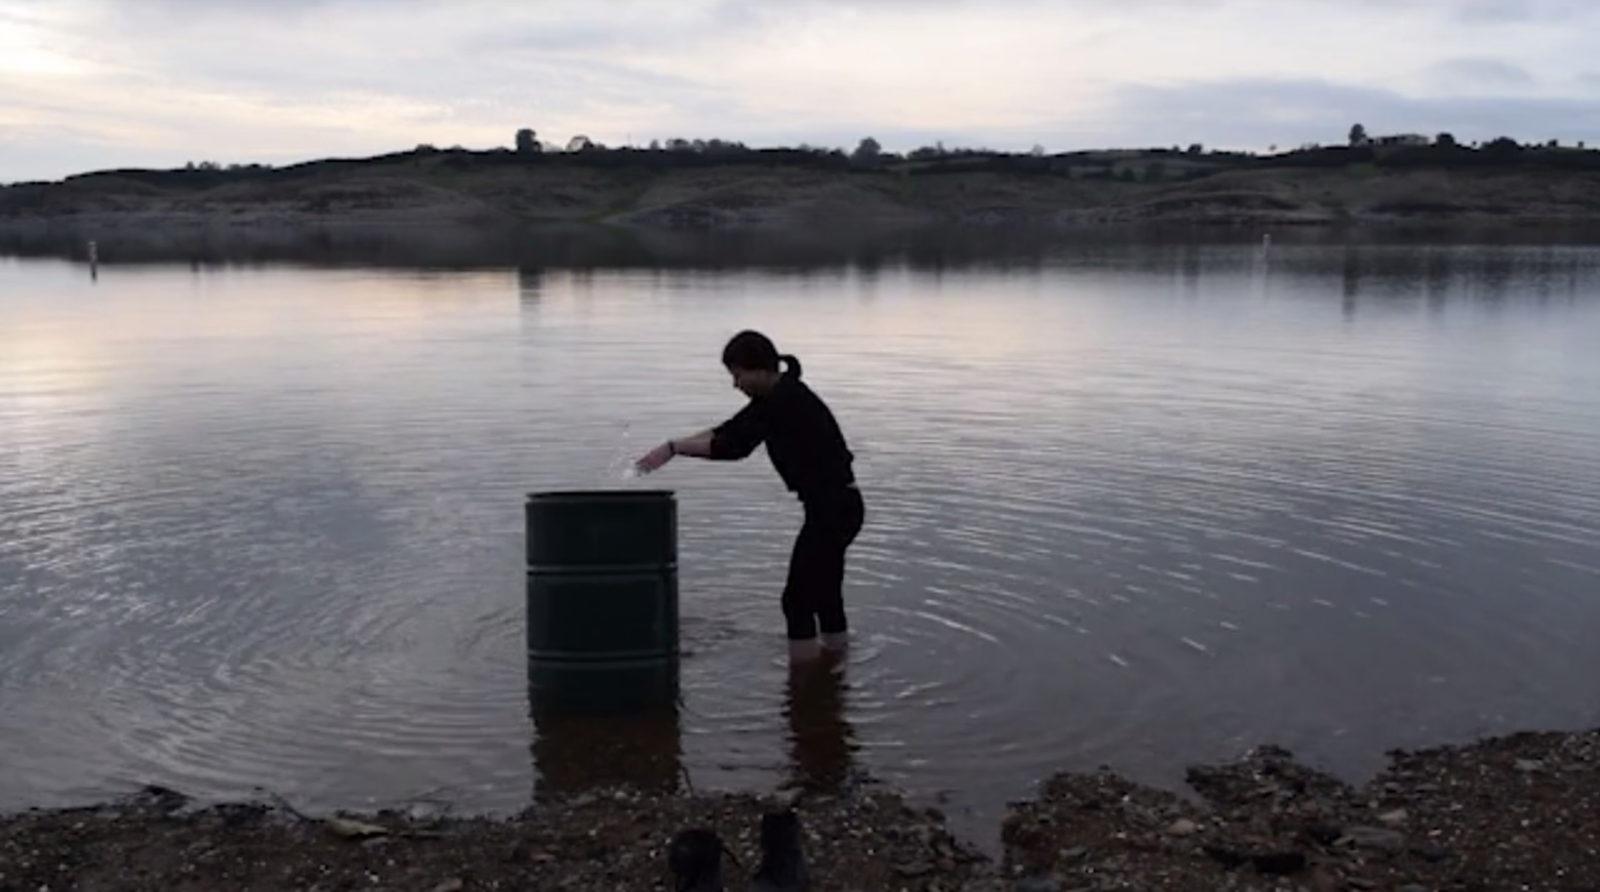 La Bruja y el Agua (video still), 2017